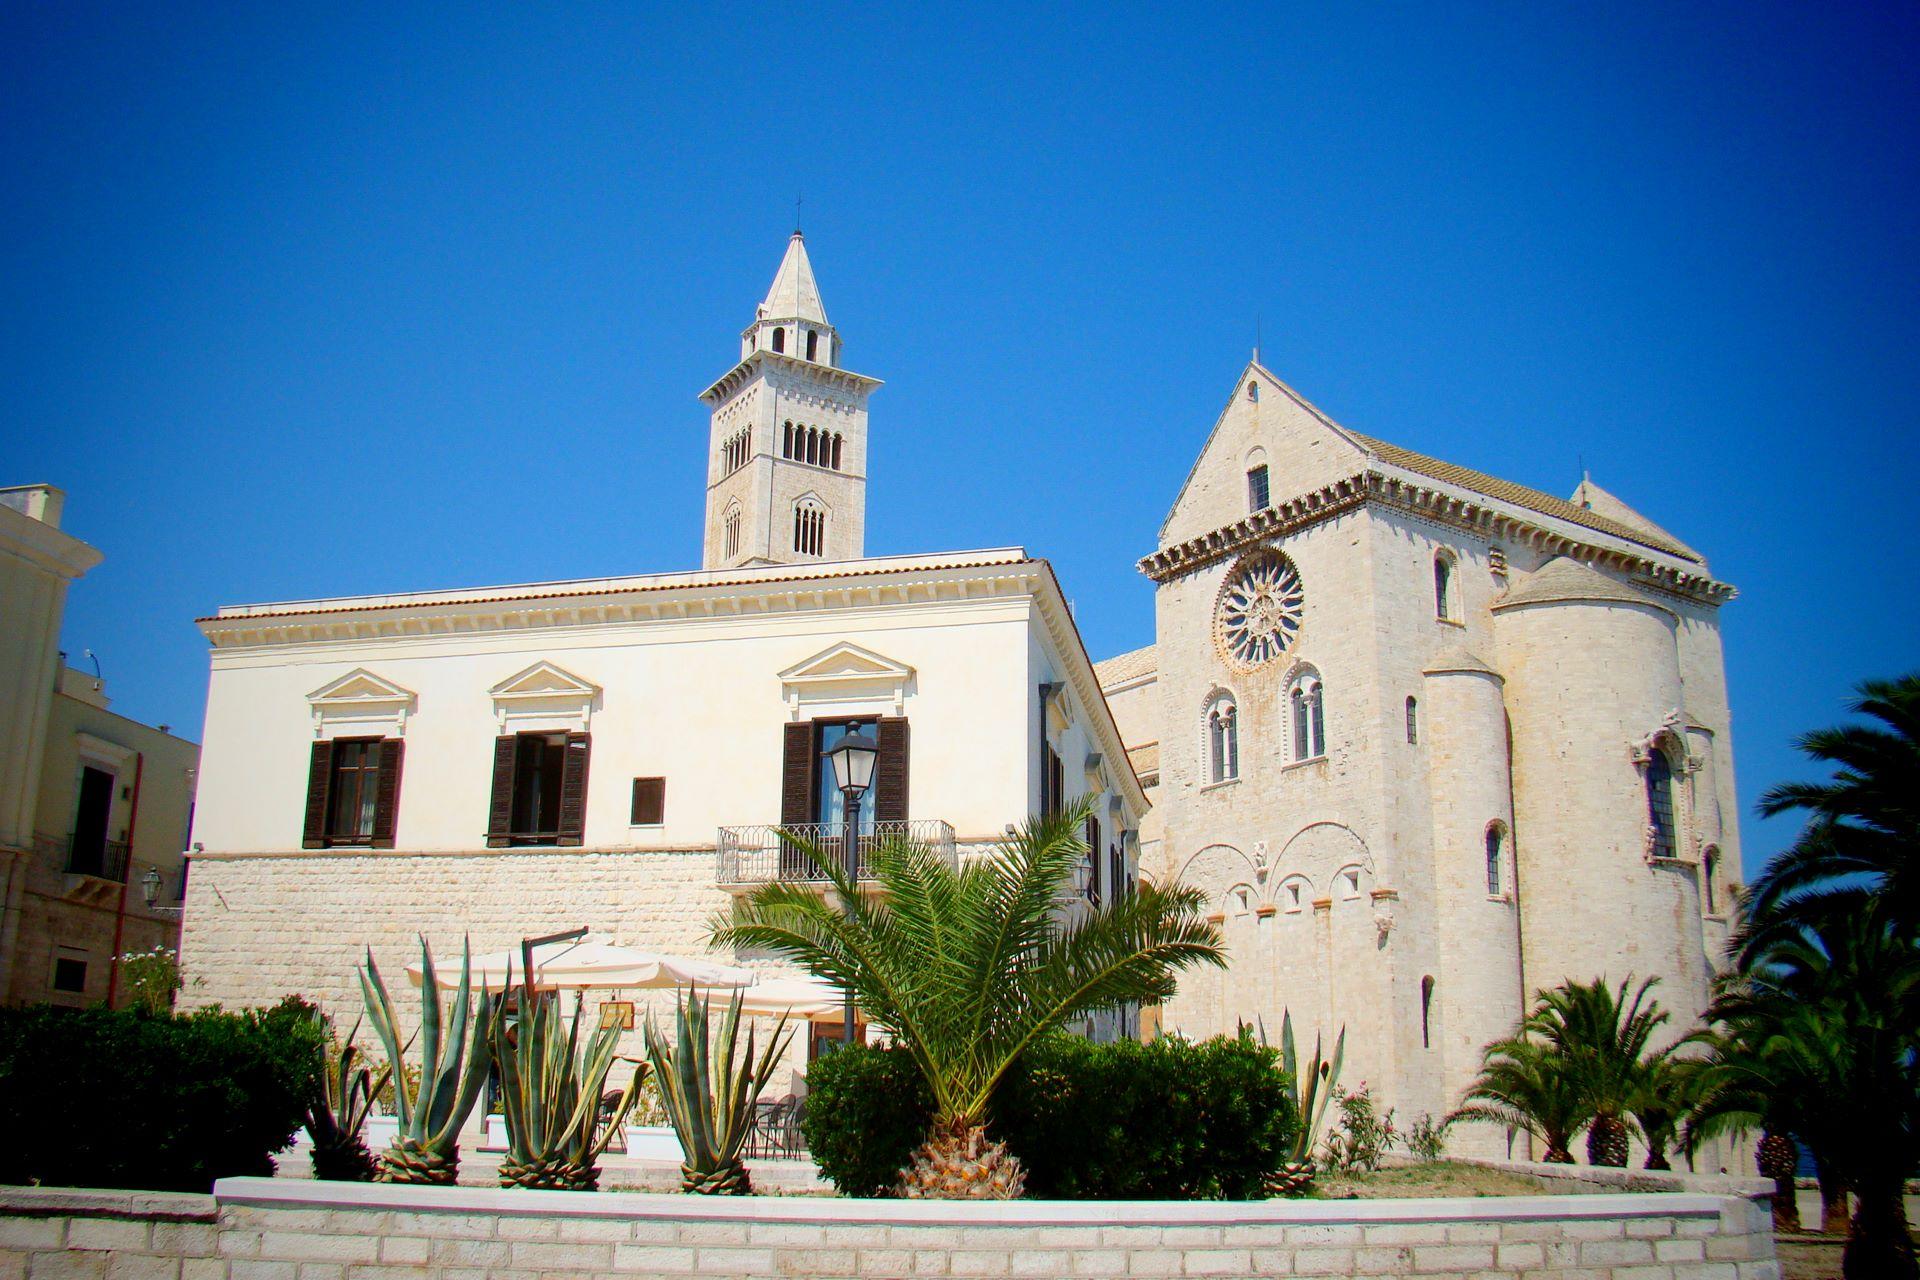 apulia-slow-travel-trani-romanico-romanico pugliese-san nicola il pellegrino-BAT-puglia-apulia-apulien-romanik-romanesque-cattedrale-cathedral